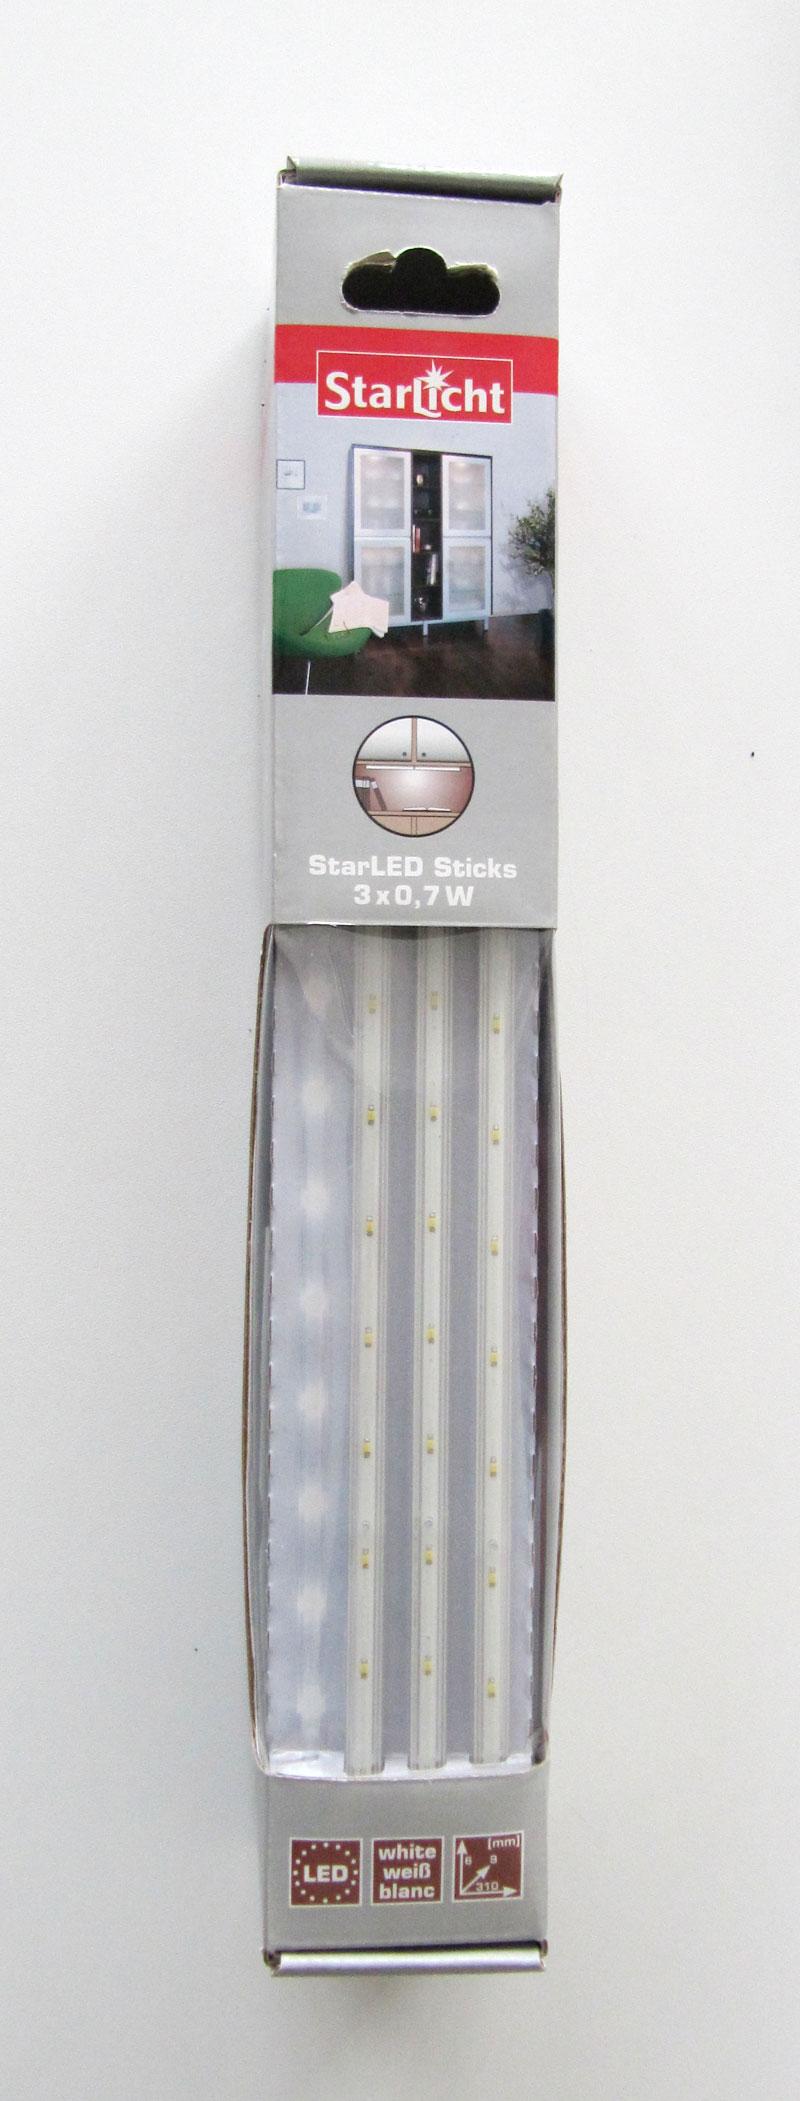 StarLicht Dekoleuchte StarLED Sticks 12 Dioden/Stick 3x0,7W Licht weiß Bild 1